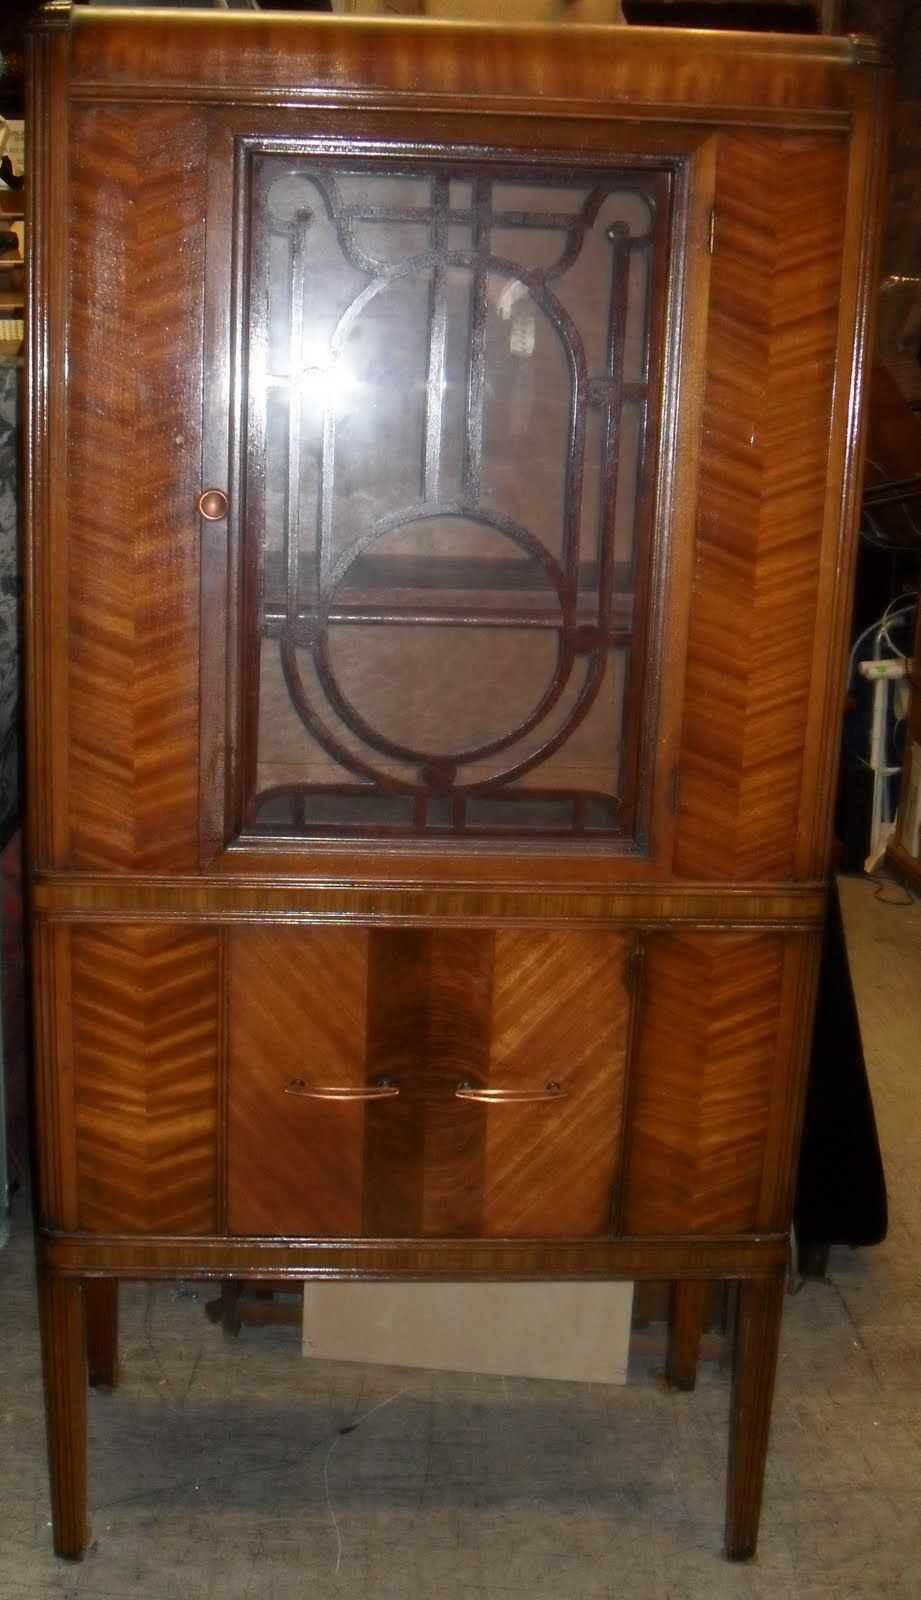 WATERFALL STYLE FURNITURE Uhuru Furniture & Collectibles